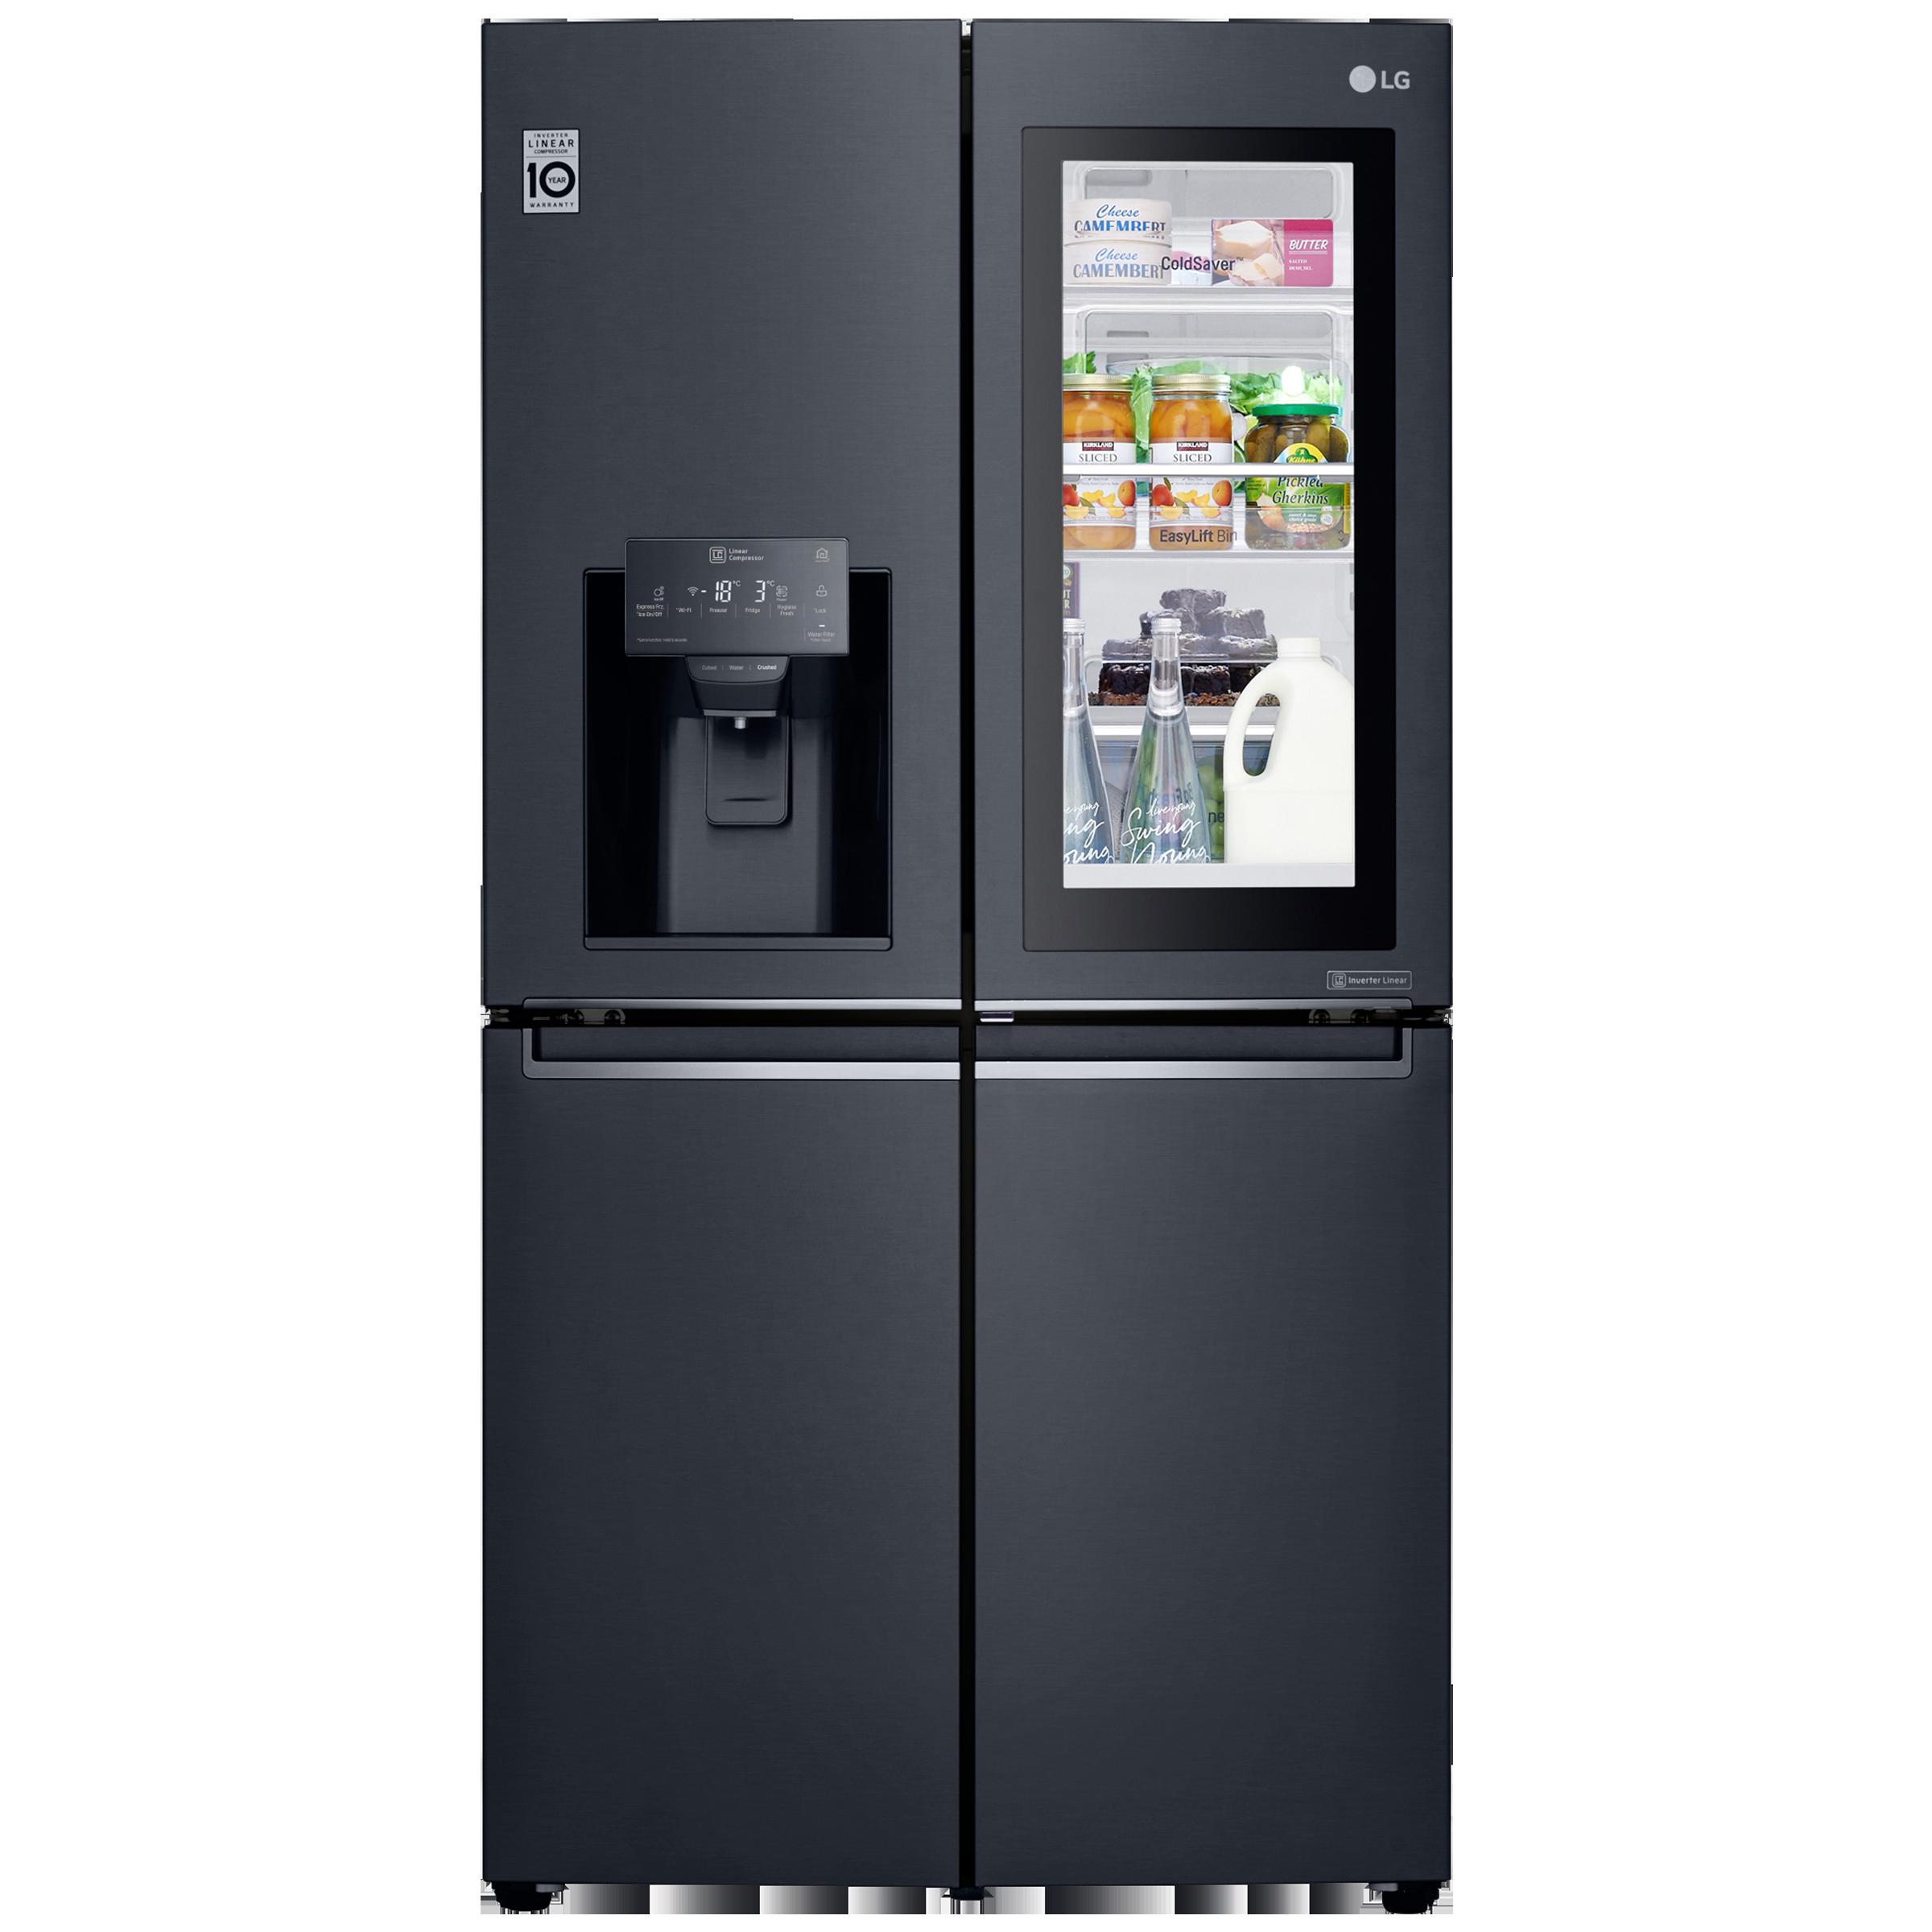 LG 889 Litres 2 Star Frost Free Inverter Linear French Door Refrigerator (InstaView Door-in-Door, GR-X31FMQHL, Matt Black)_1